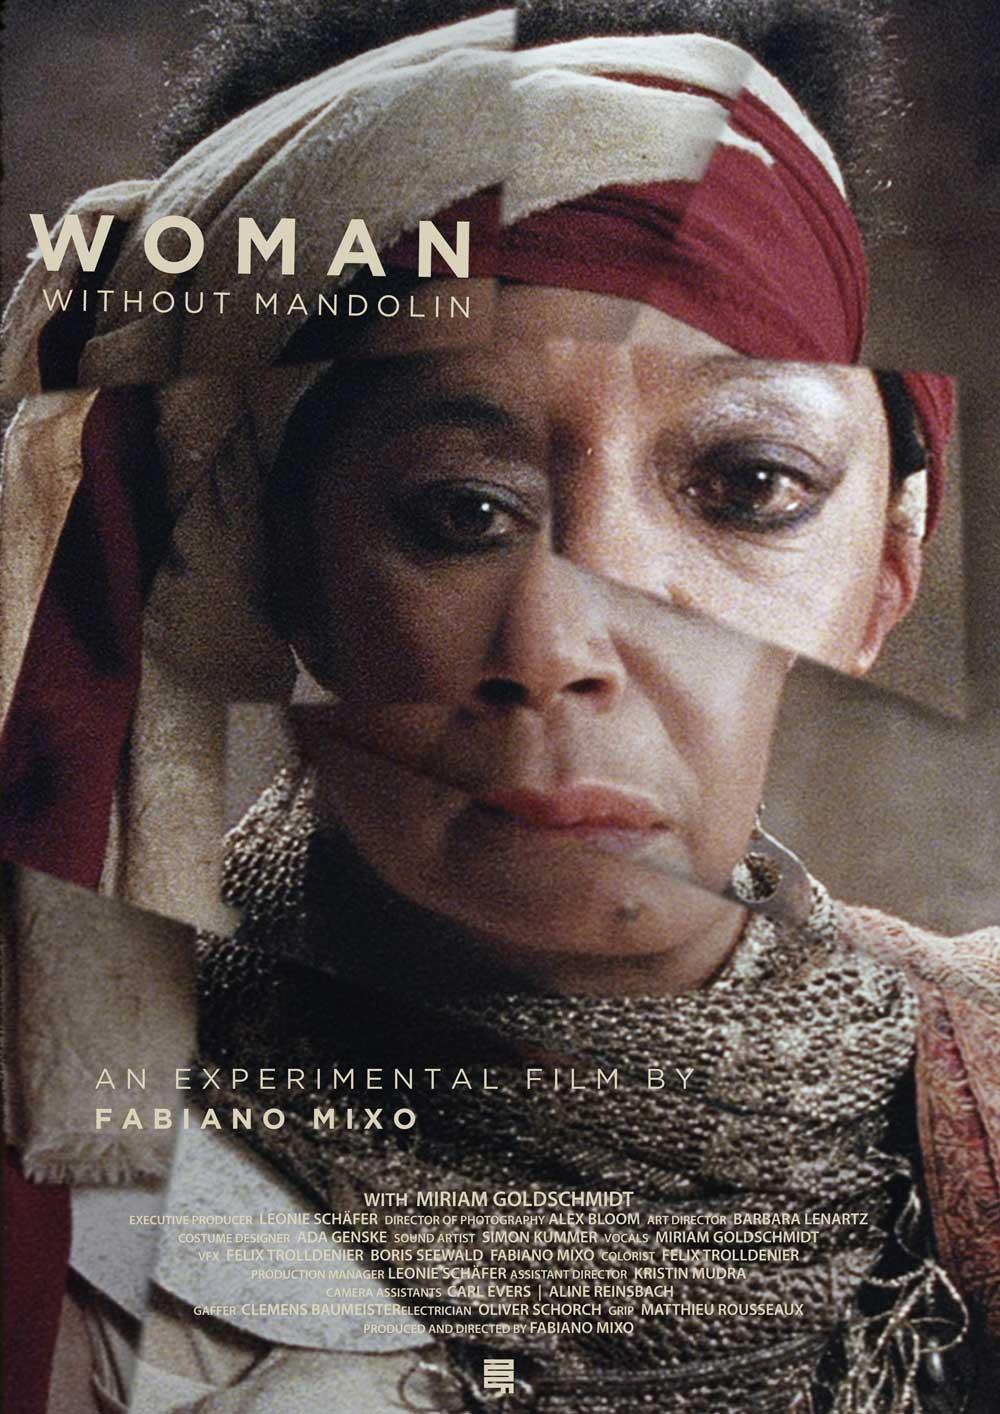 """Cartaz de uma das exibições do curta """"Mulher sem bandolim"""", de Fabiano Mixo"""